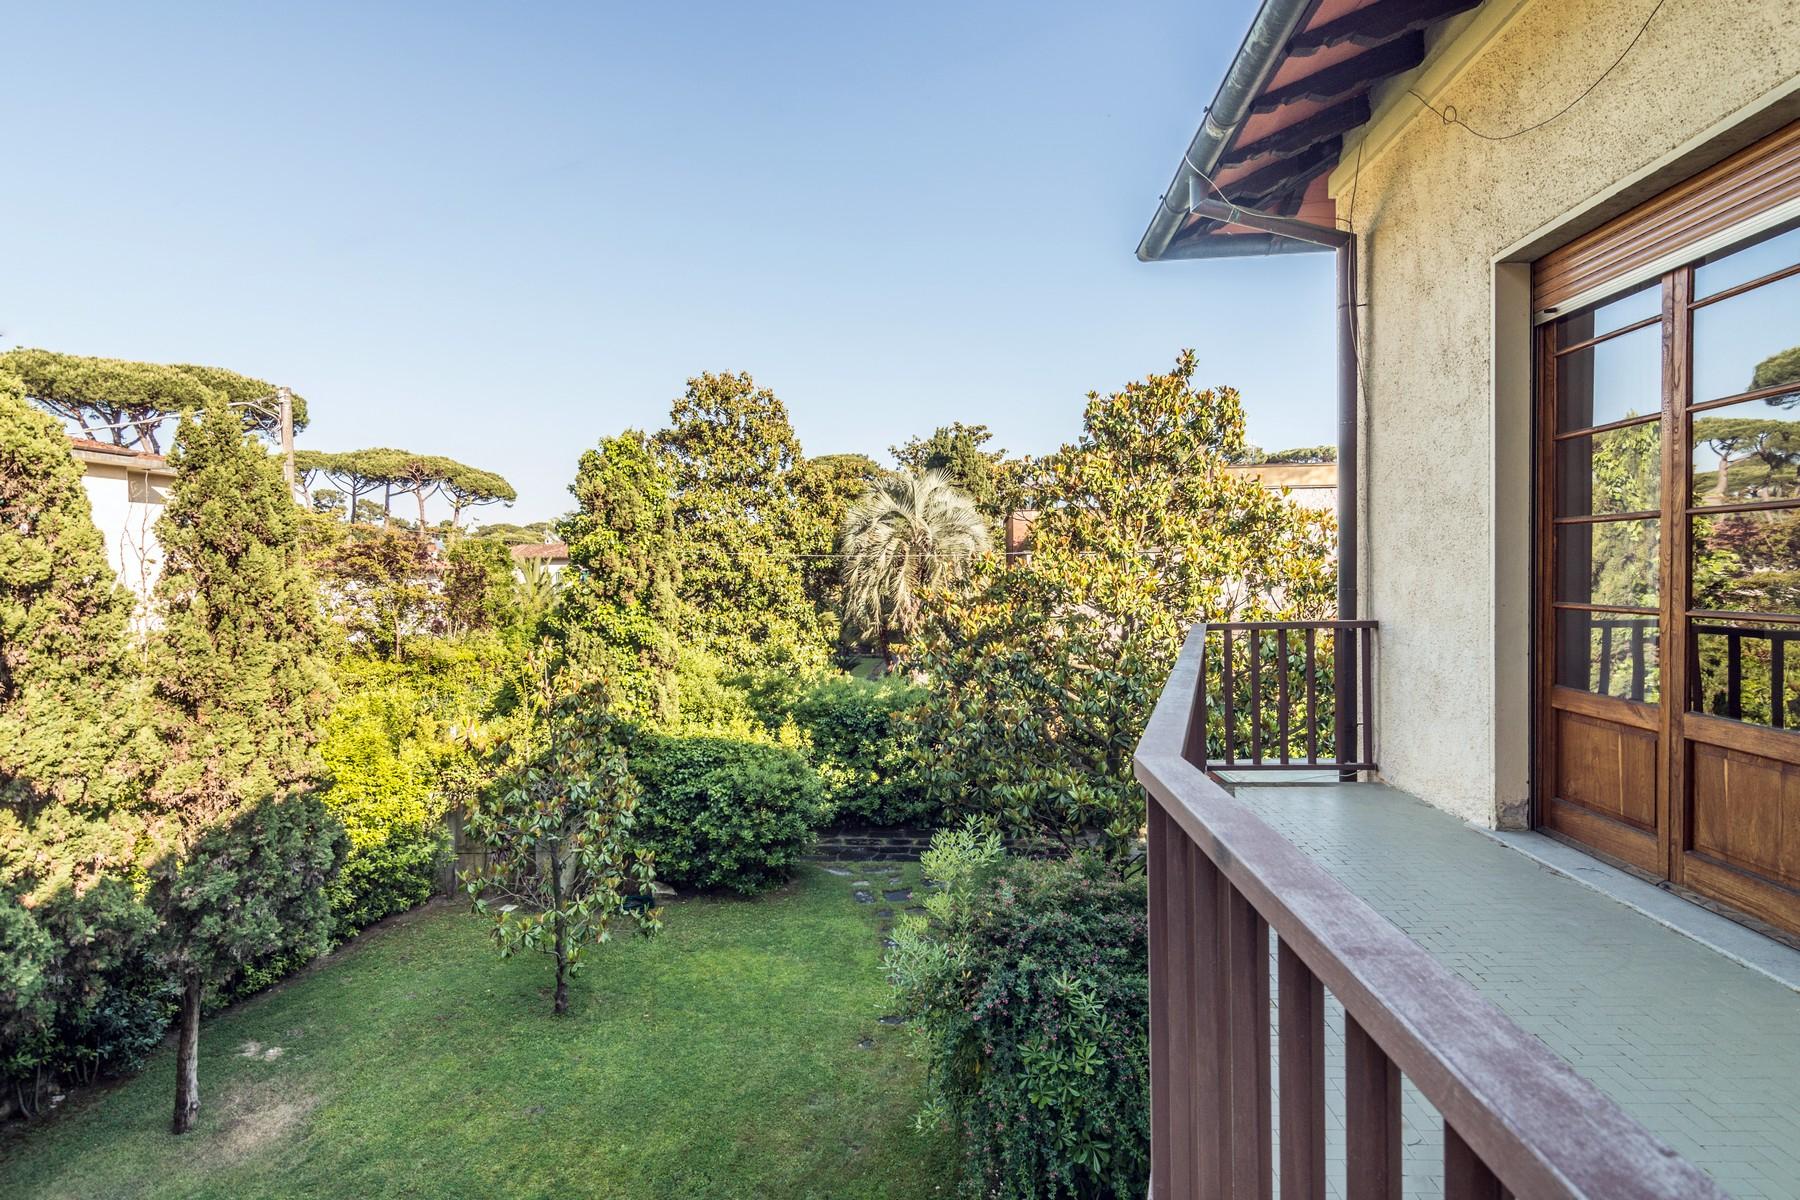 Villa in Vendita a Forte Dei Marmi: 5 locali, 700 mq - Foto 16